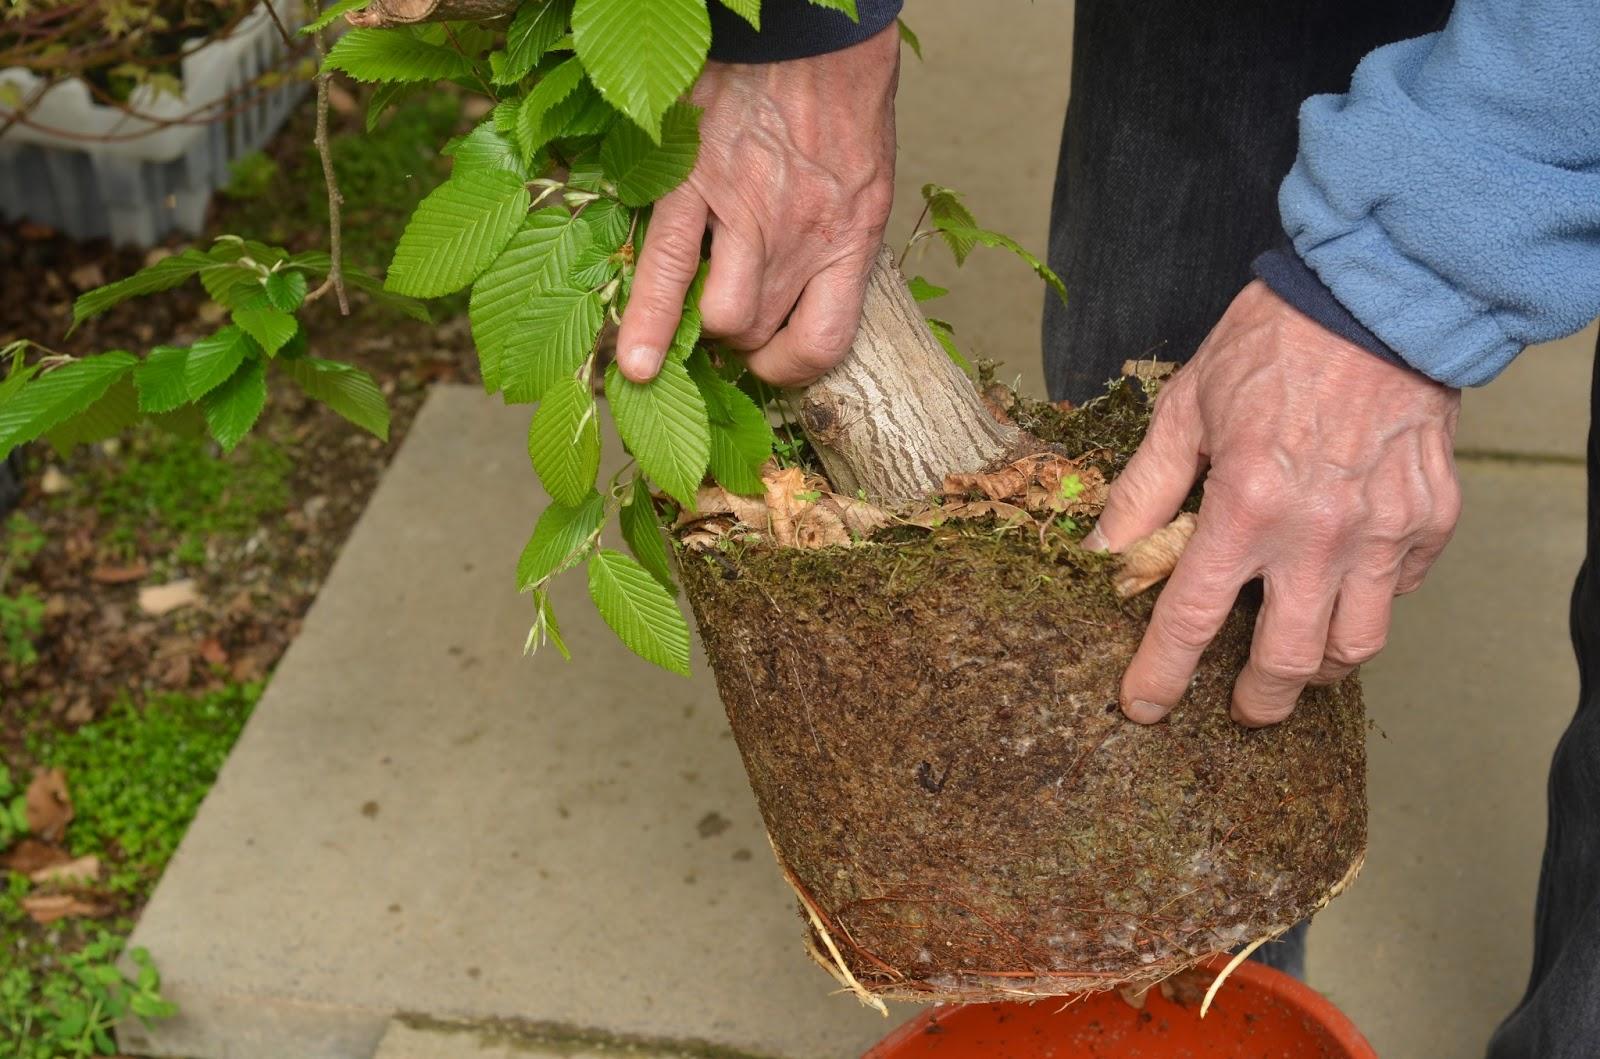 THE SECRETS TO GROWING BONSAI The Garden Of Eaden